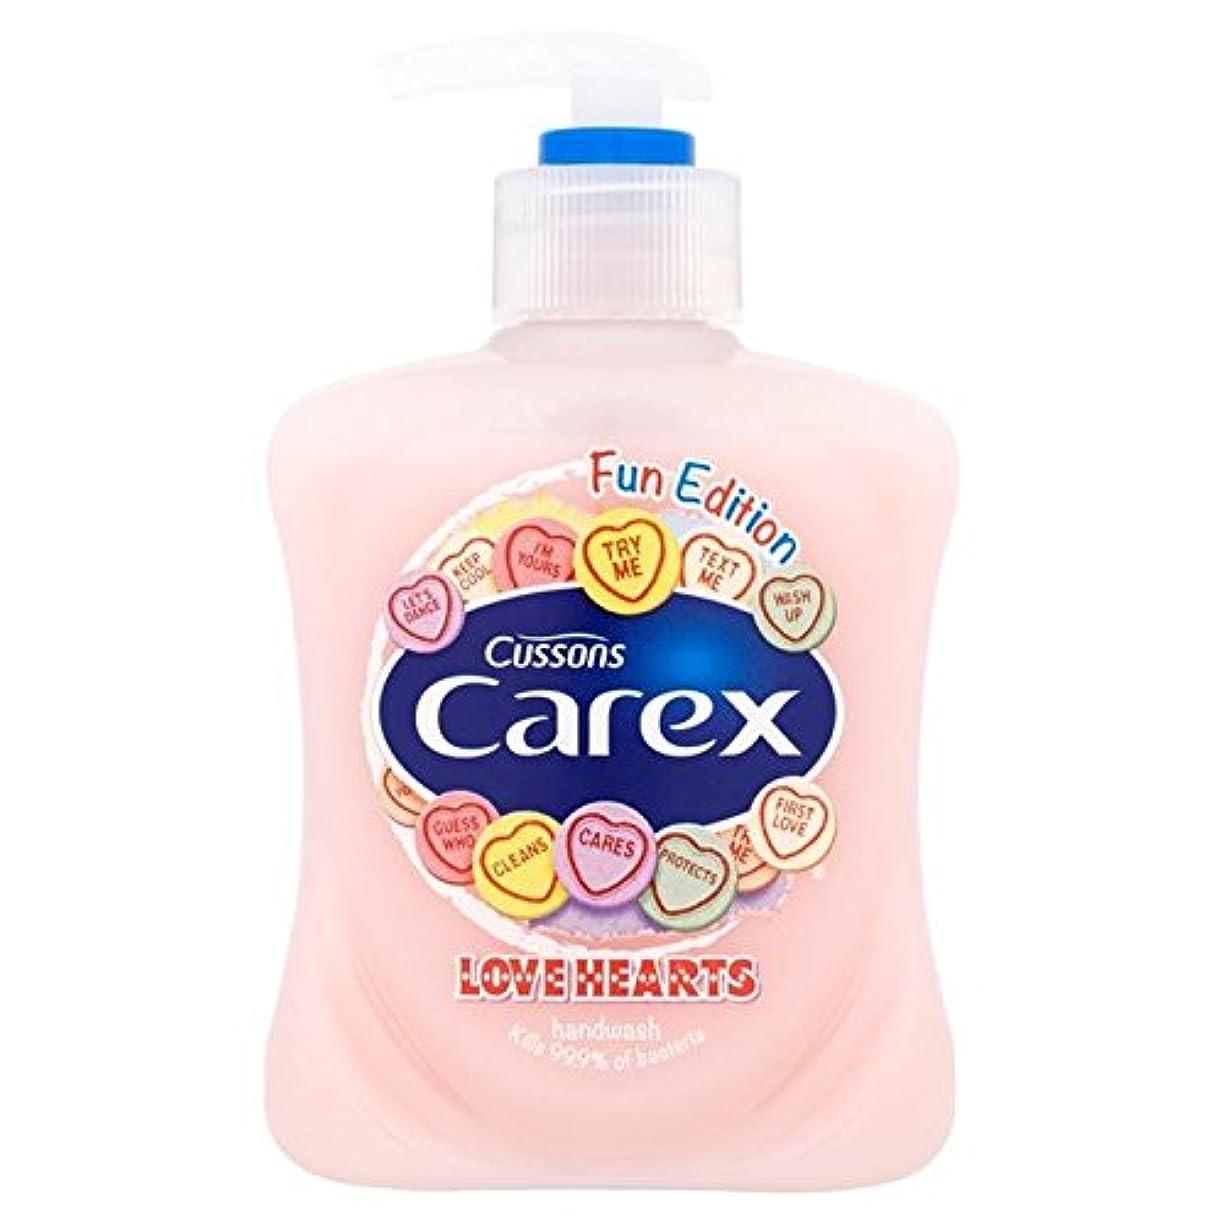 ポータブルセージ謝るCarex Fun Edition Love Hearts Hand Wash 250ml (Pack of 6) - スゲ楽しい版愛の心のハンドウォッシュ250ミリリットル x6 [並行輸入品]